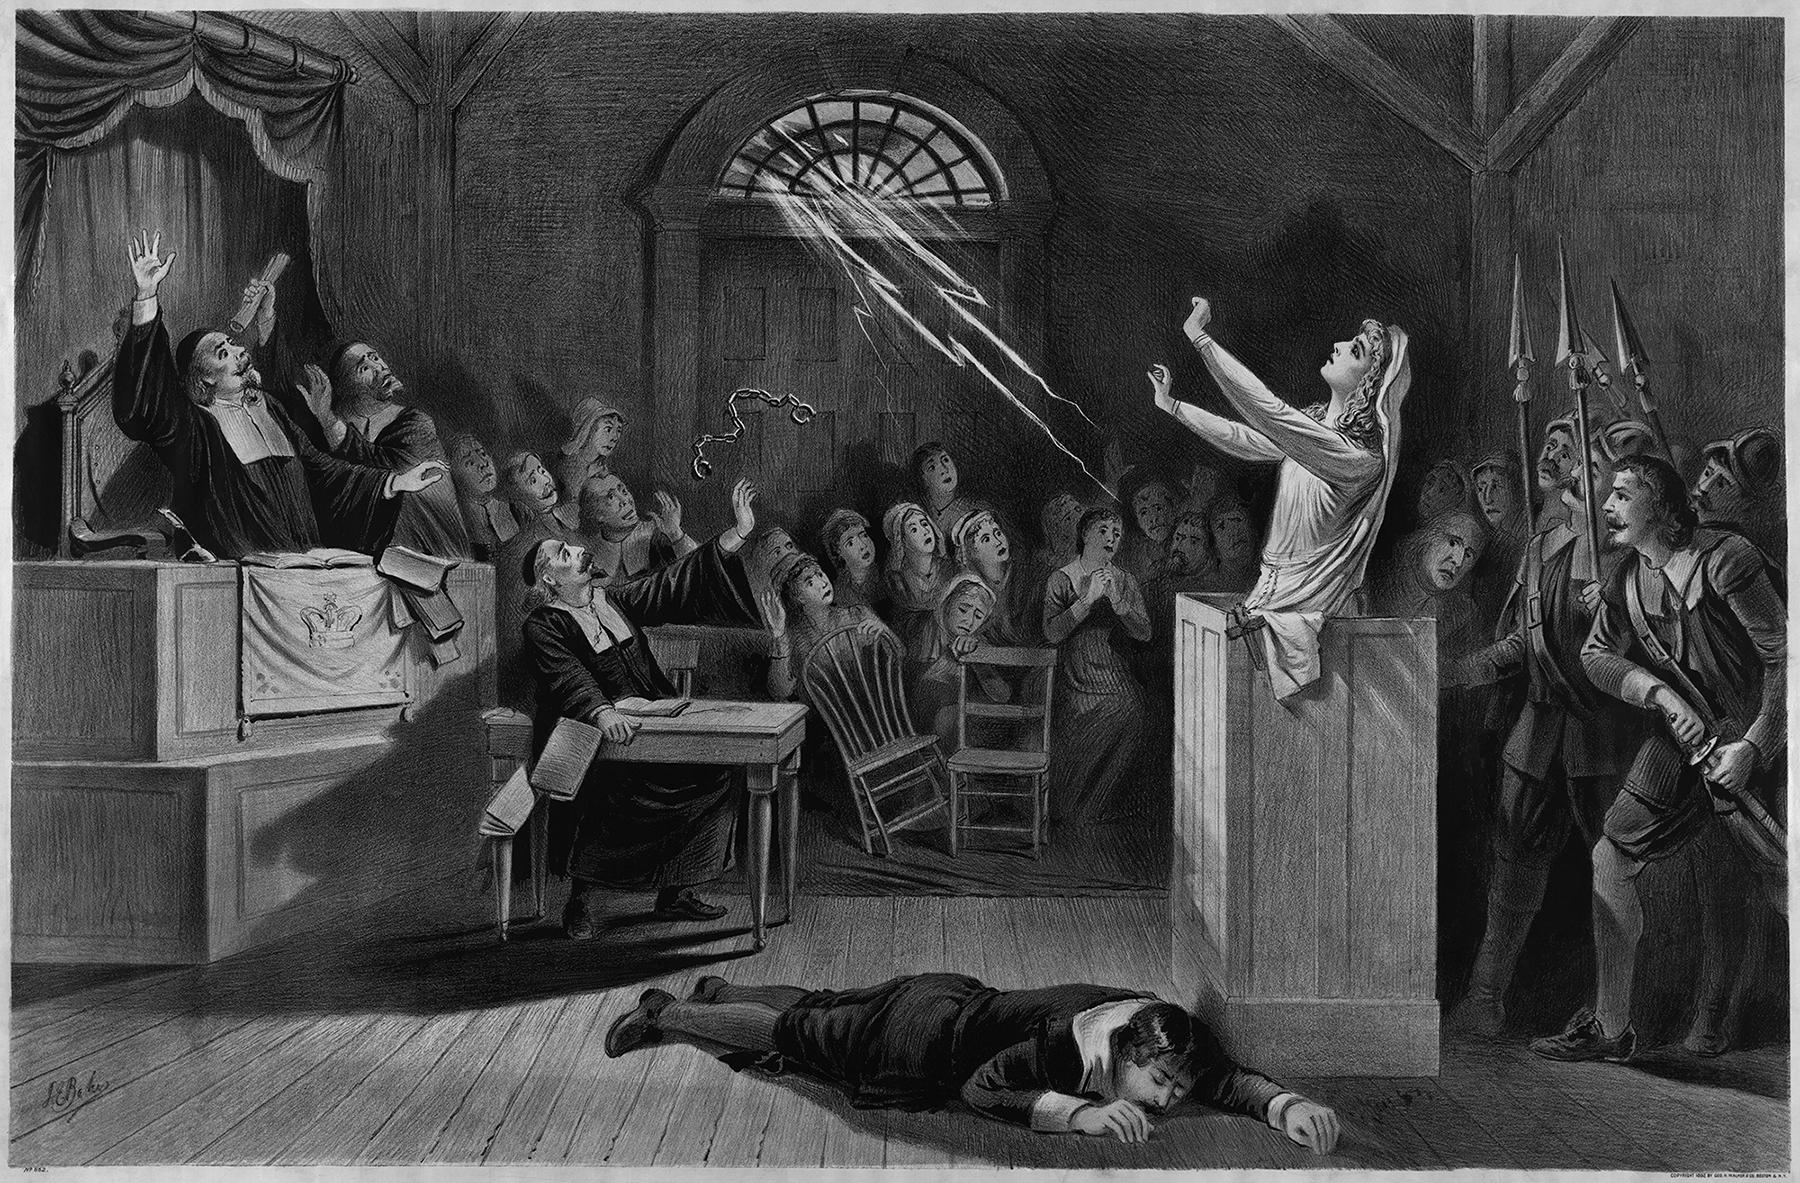 Ebausud, mõjugu nad kui naeruväärselt tahes, räägivad mõndagi meie ajaloolisest taustast ning ühiskonna varjatud võimusuhetest. Joseph E. Bakeri Salemi nõiaprotsessidest inspireeritud lito 1892. aastast. Allikas: Wikimedia Commons